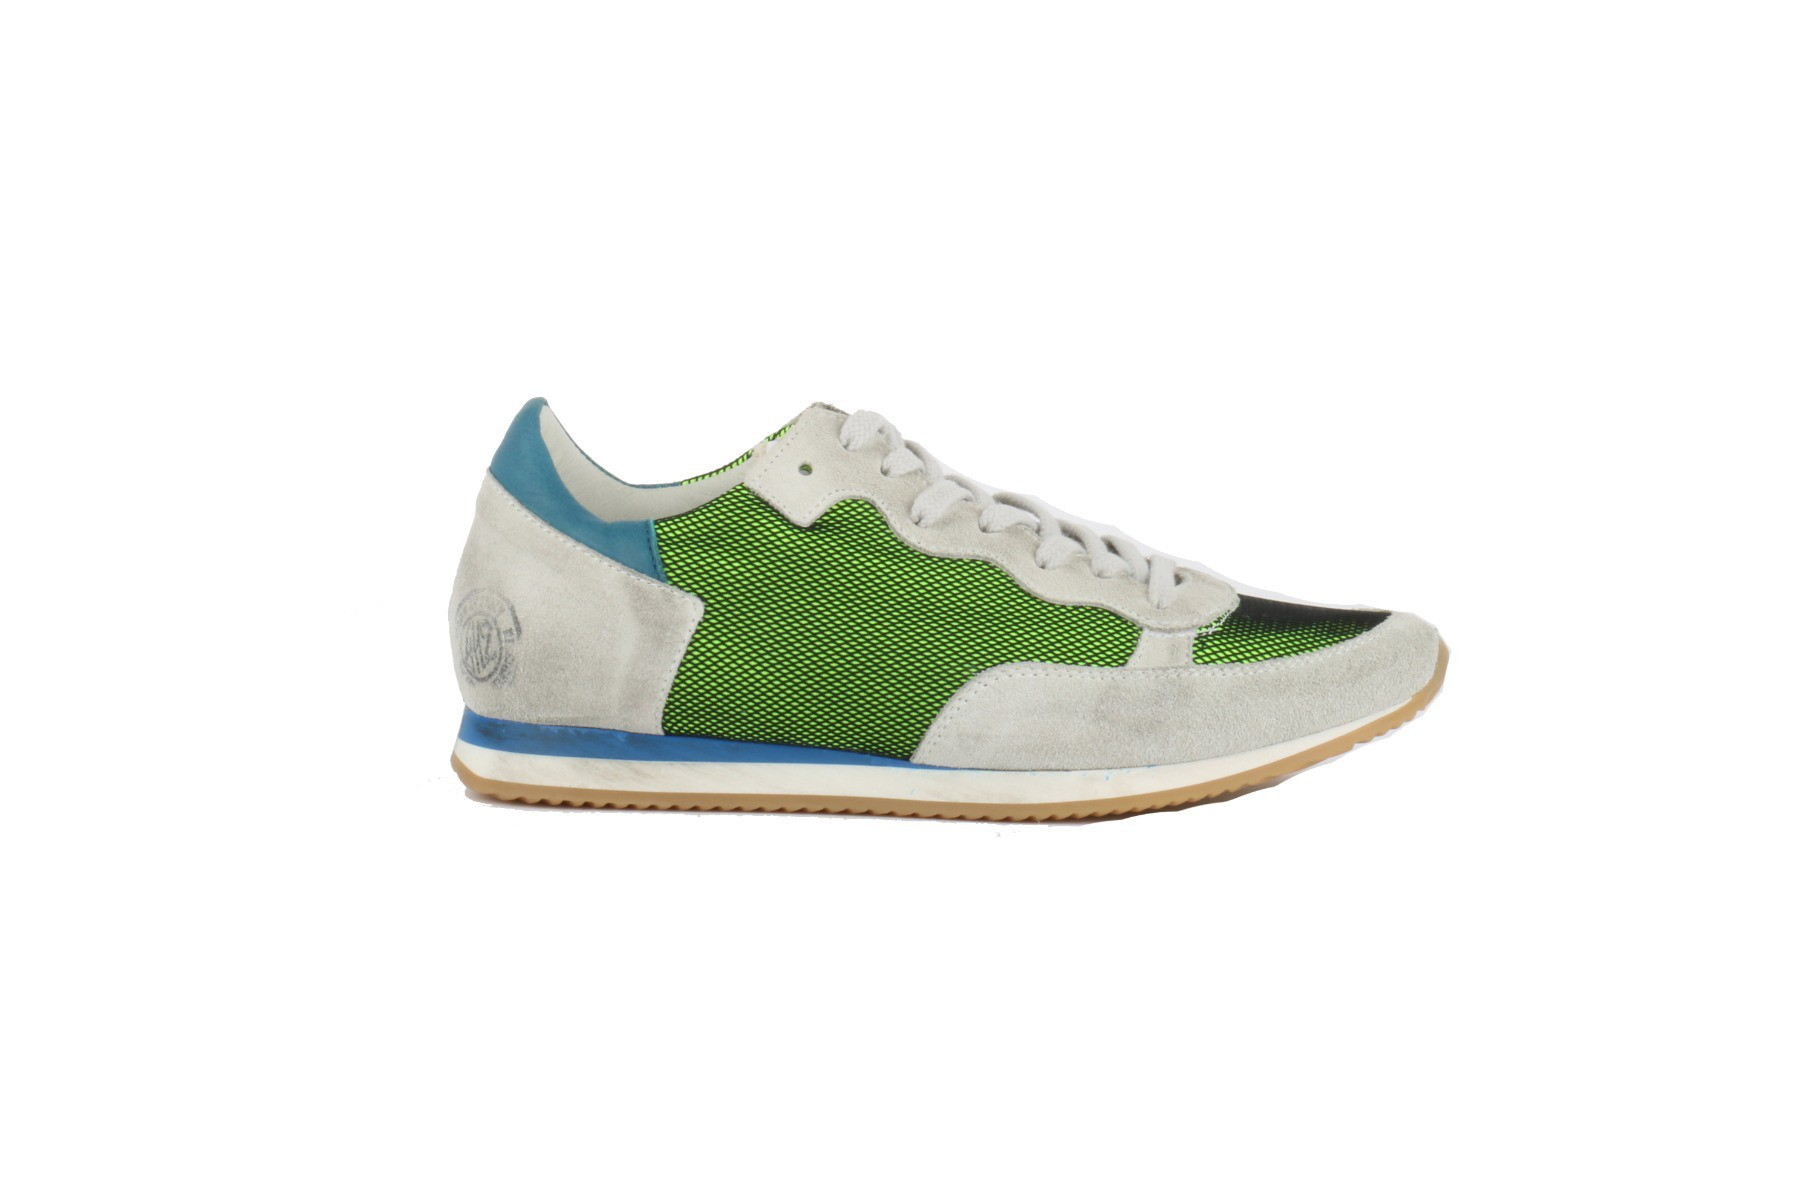 Afbeelding van 4/12 Guns 354 blauw/groen sneakers